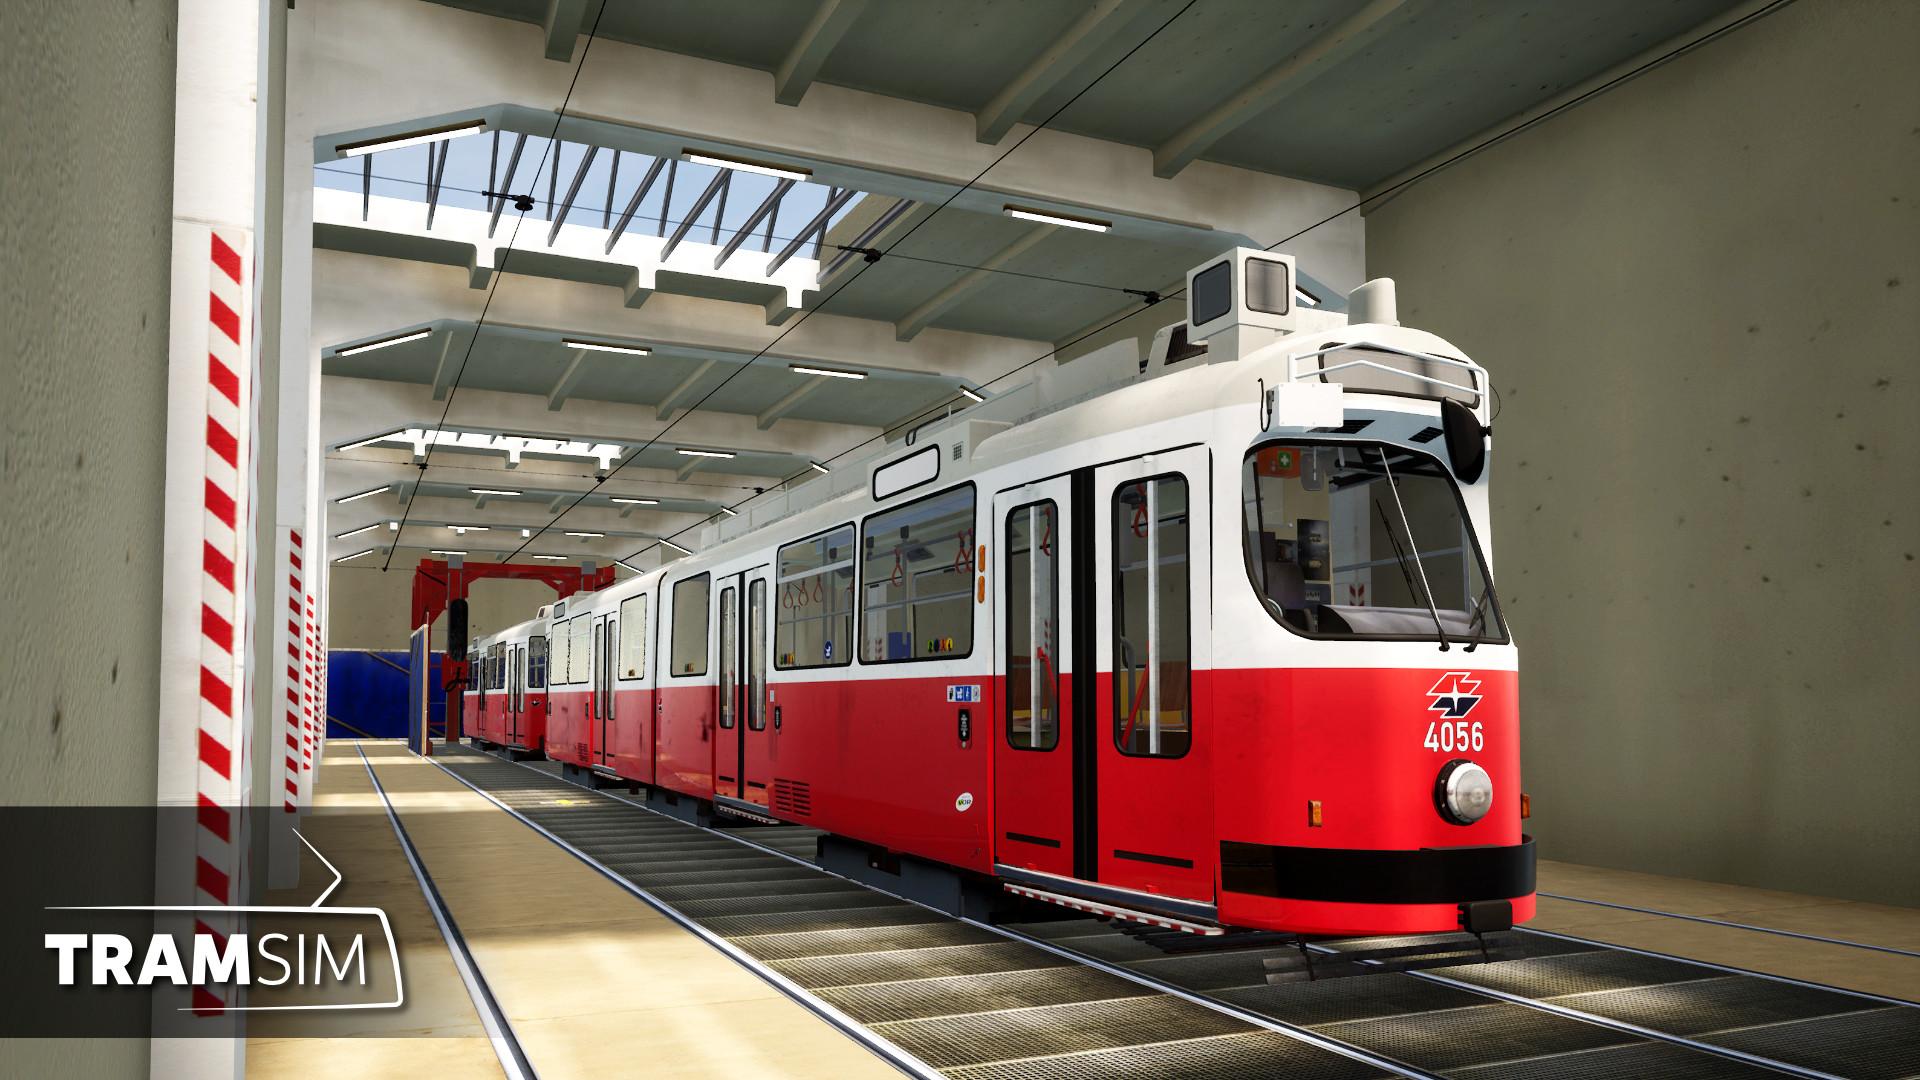 TramSim DLC Tram-Depot Vienna PC Key Fiyatları